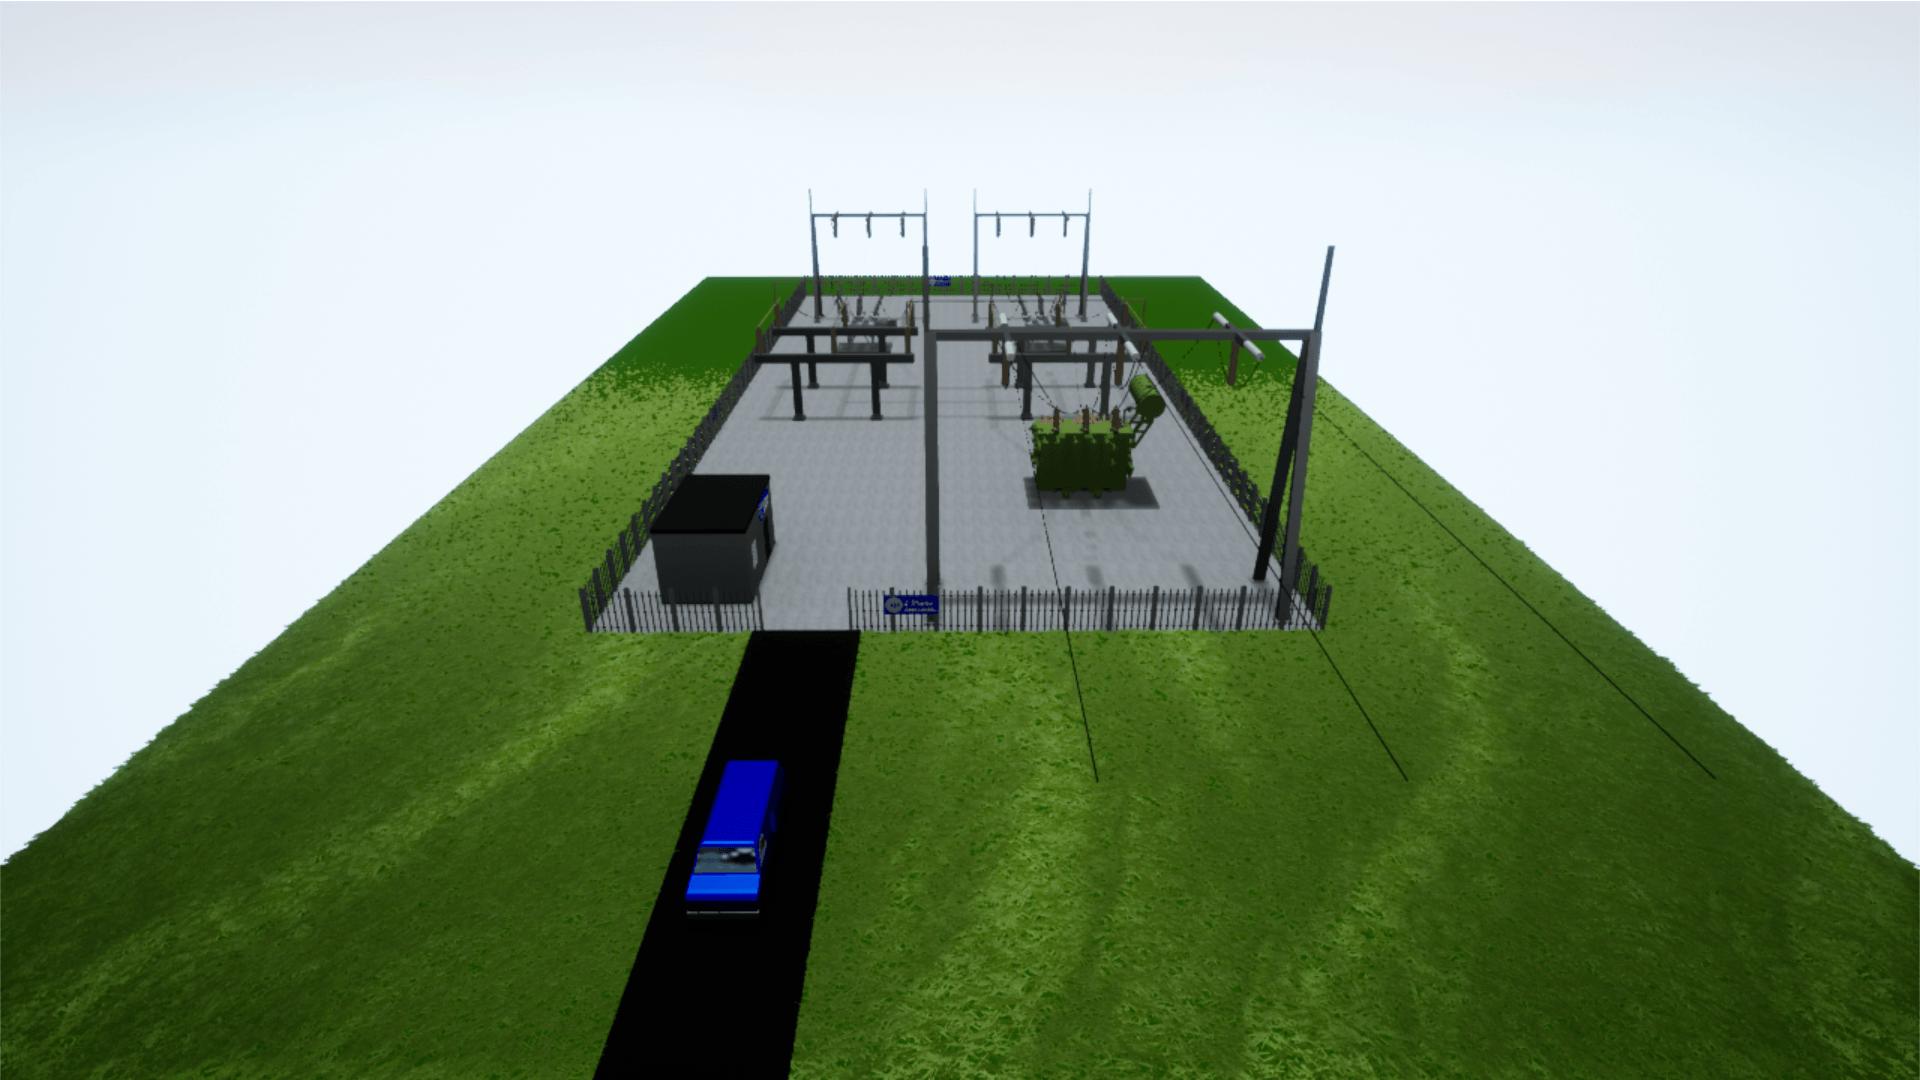 Substation-3D-Design-in-VR-5